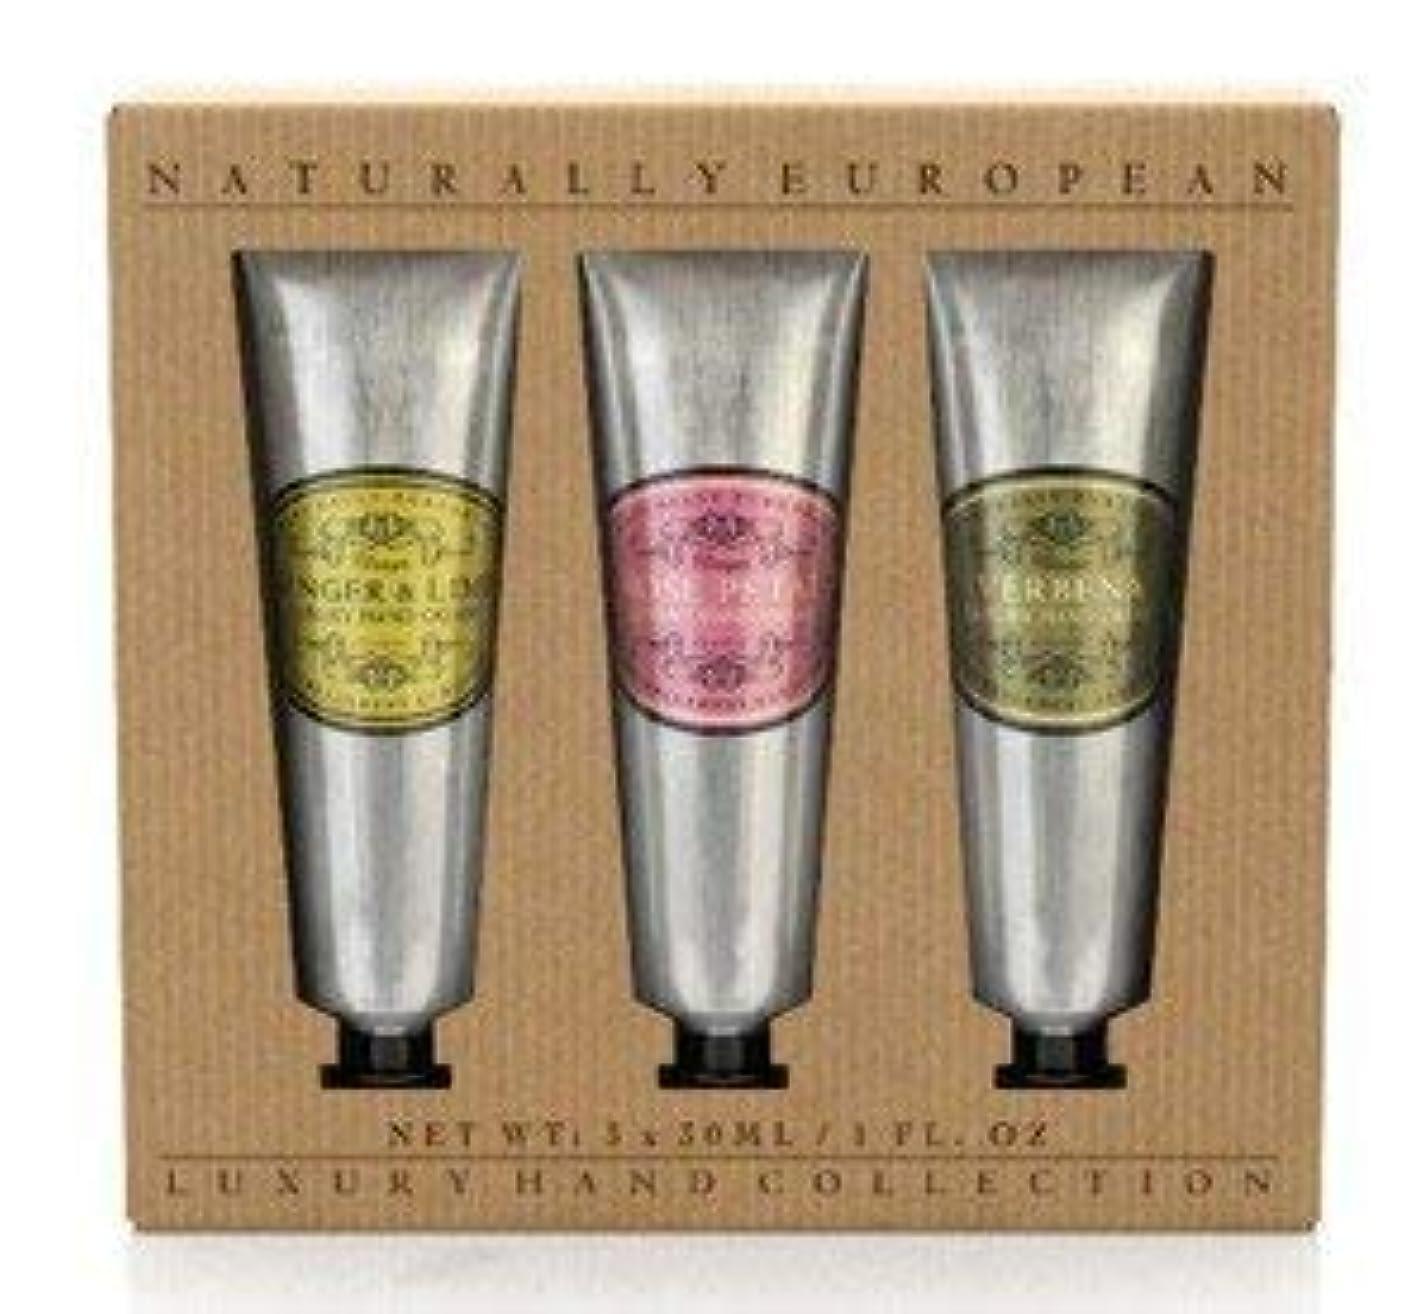 素晴らしさ池氷Naturally European Hand Cream Collection Gift Set 3 x 30ml [並行輸入品]